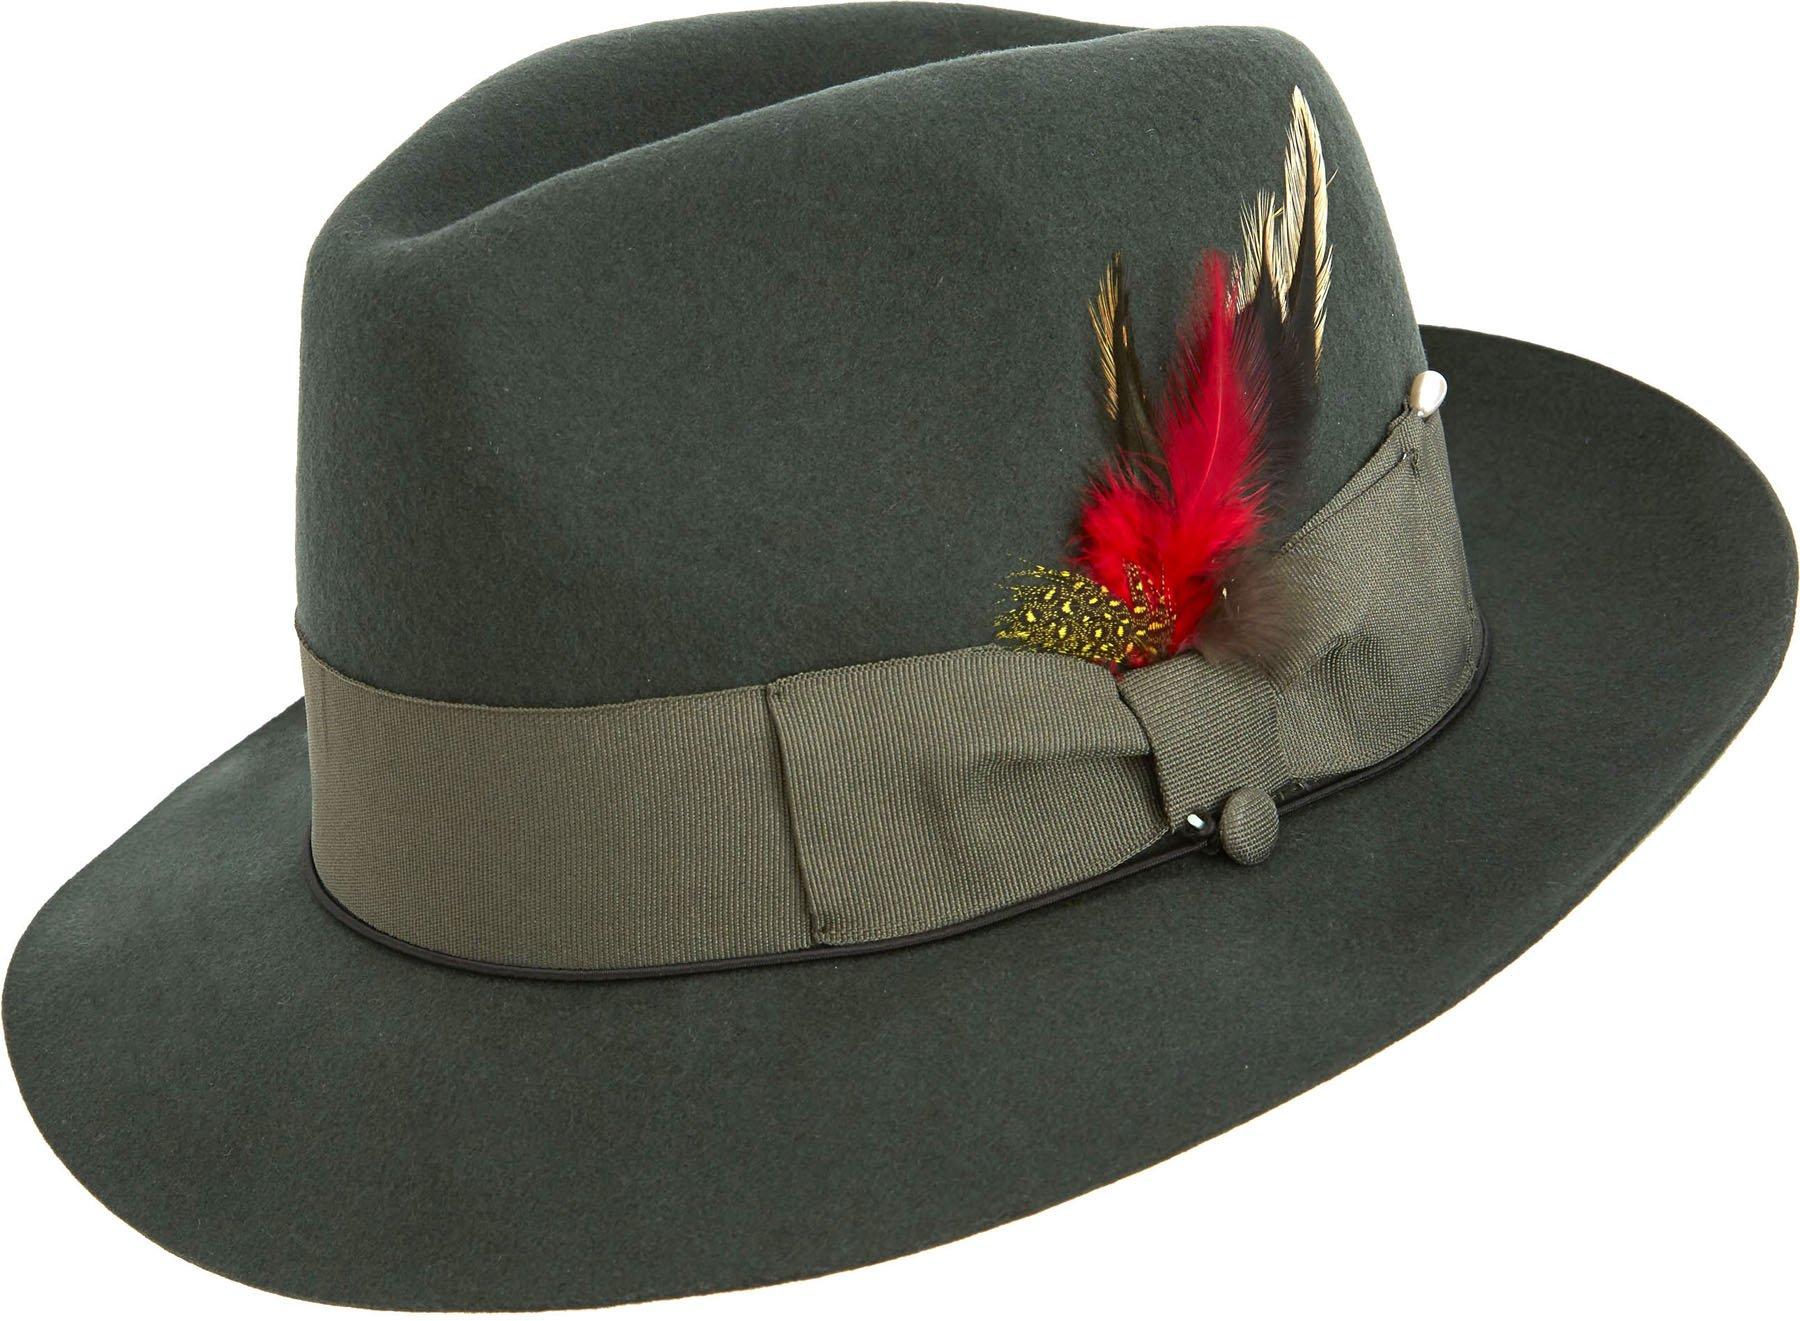 Montique Snap Brim Soft Fine Felt Pinch Fedora Hat